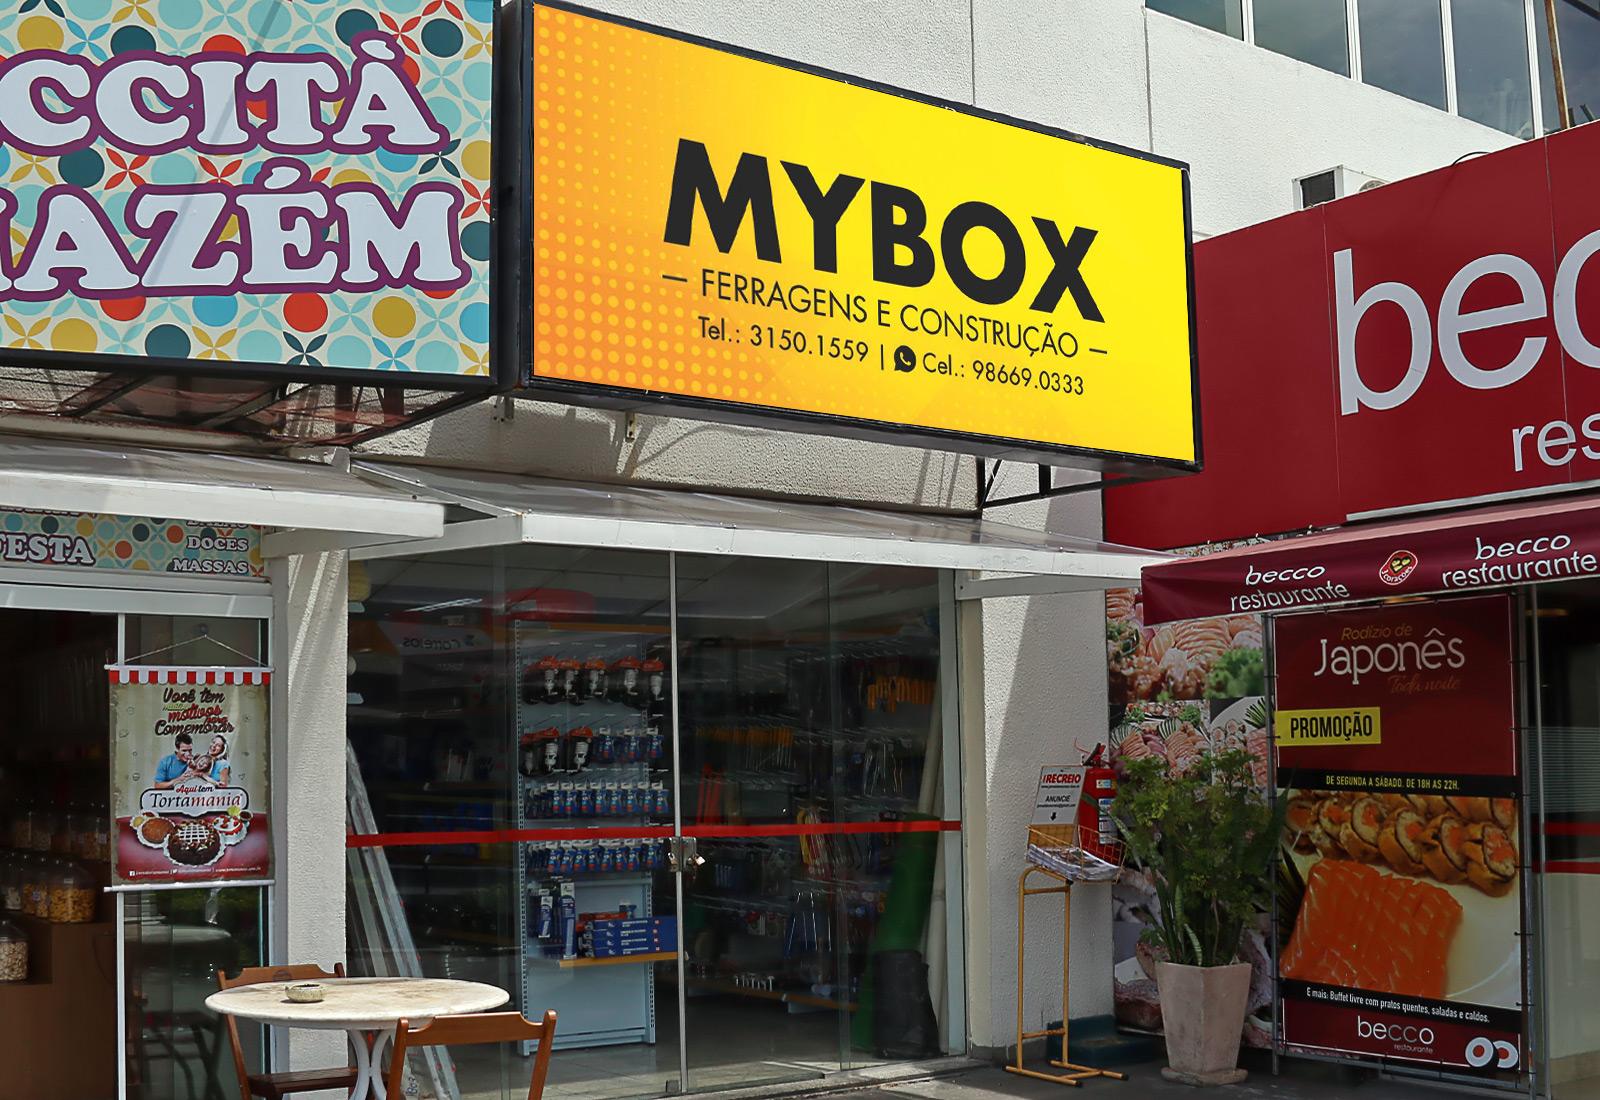 Mybox Ferragens e Construção